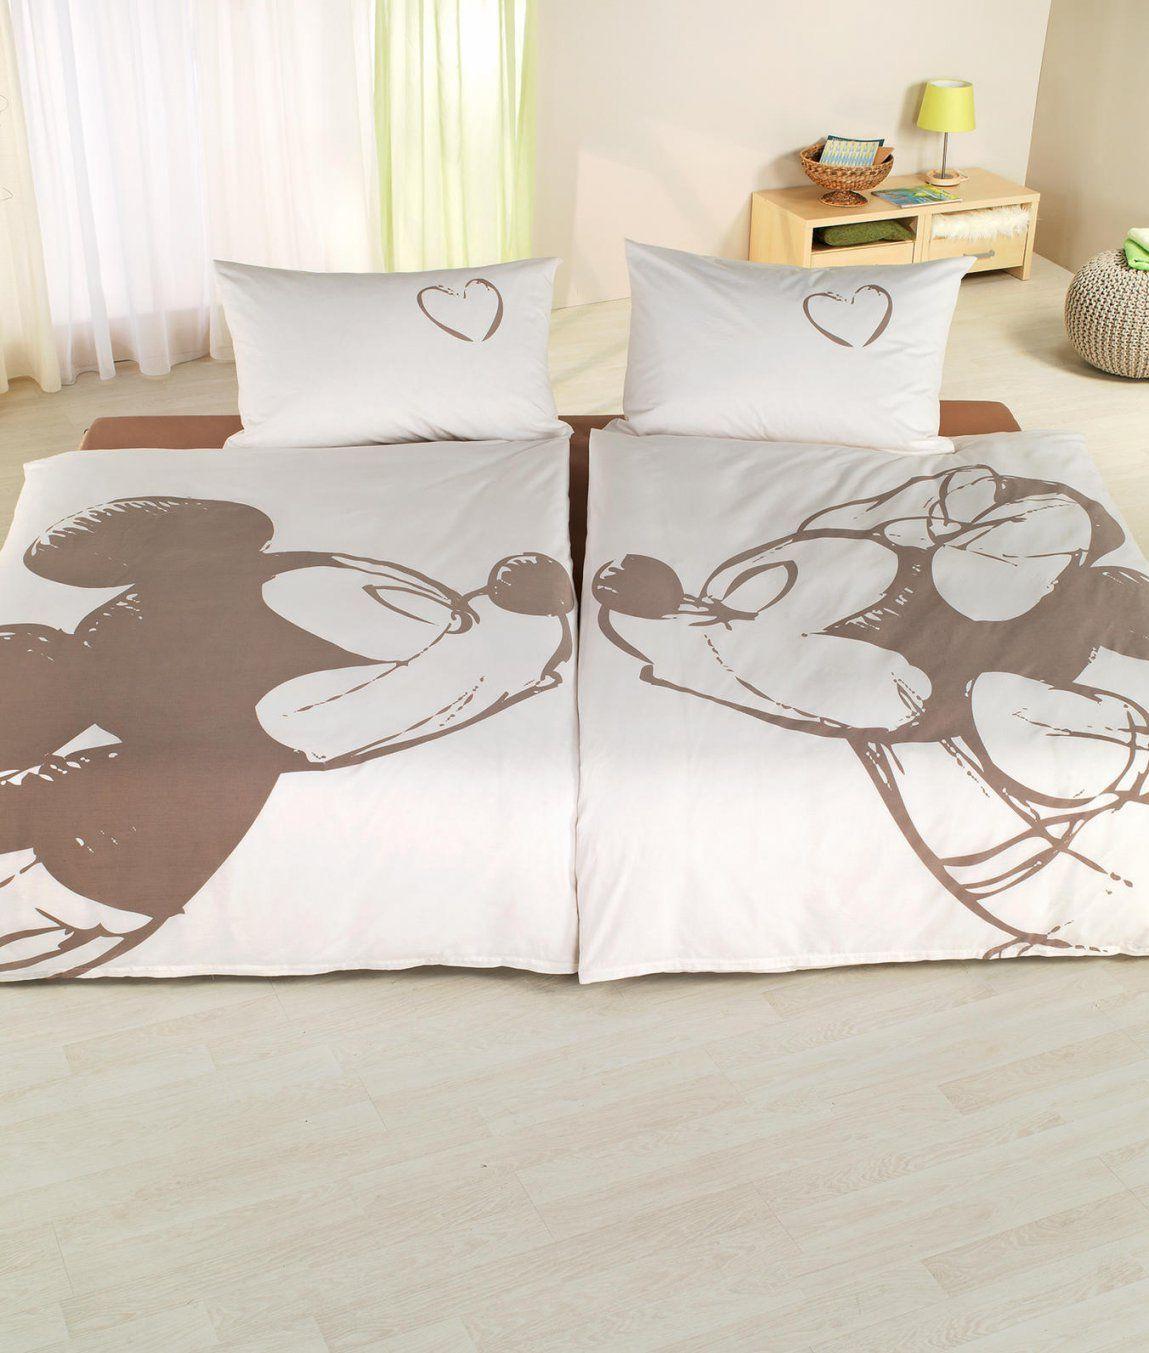 Mickey Mouse Partnerbettwäsche Im 2Erset Kaufen  Angela Bruderer von Micky Mouse Bettwäsche Photo